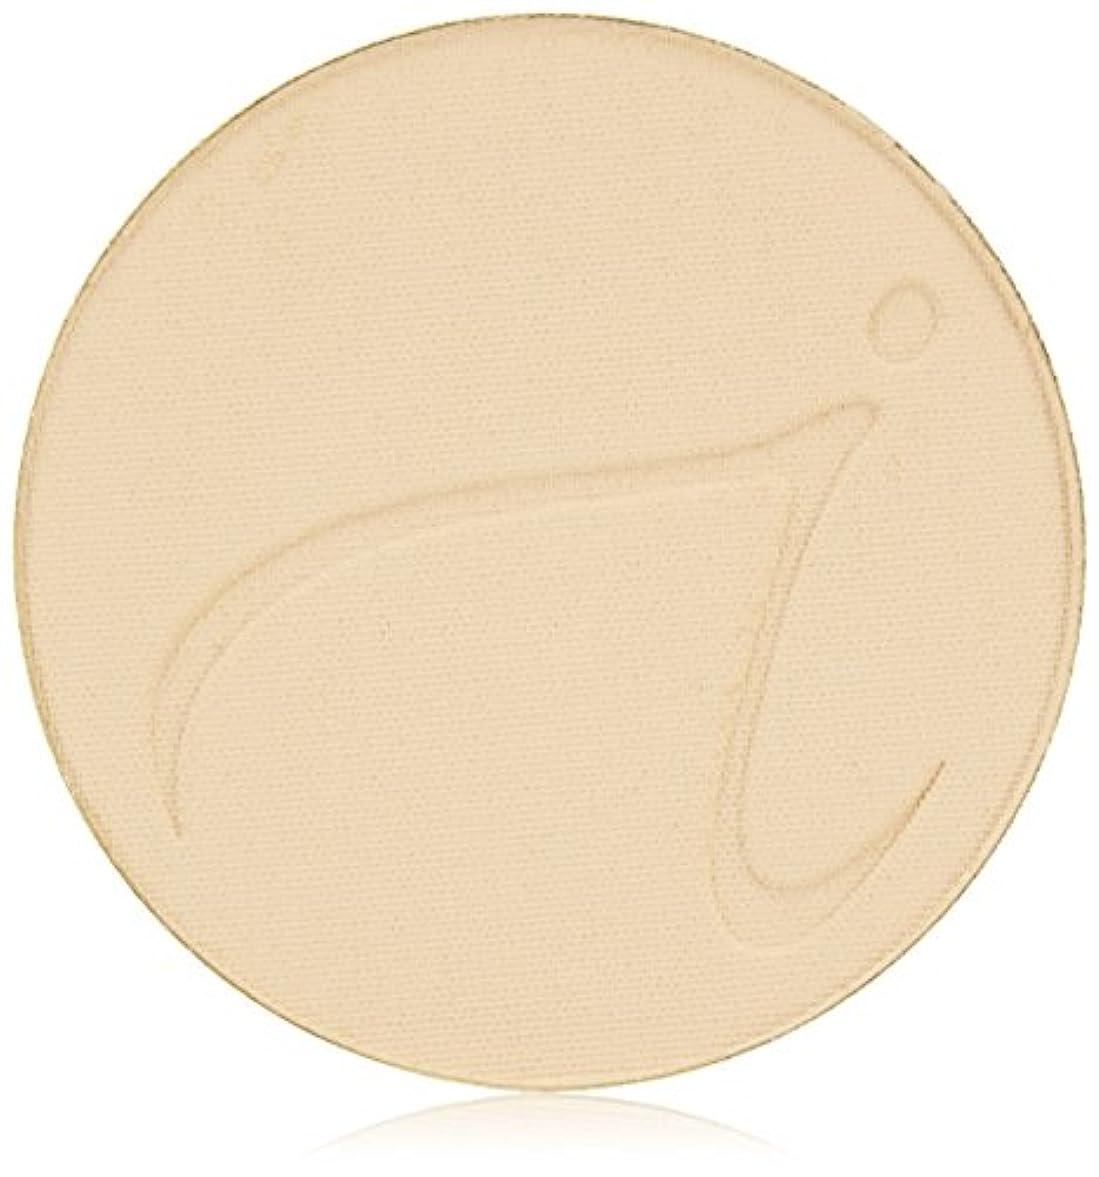 タフ磁気咽頭ジェーンアイルデール リフィル ピュアプレストベースSPF20/PA++ アンバー 9.9g